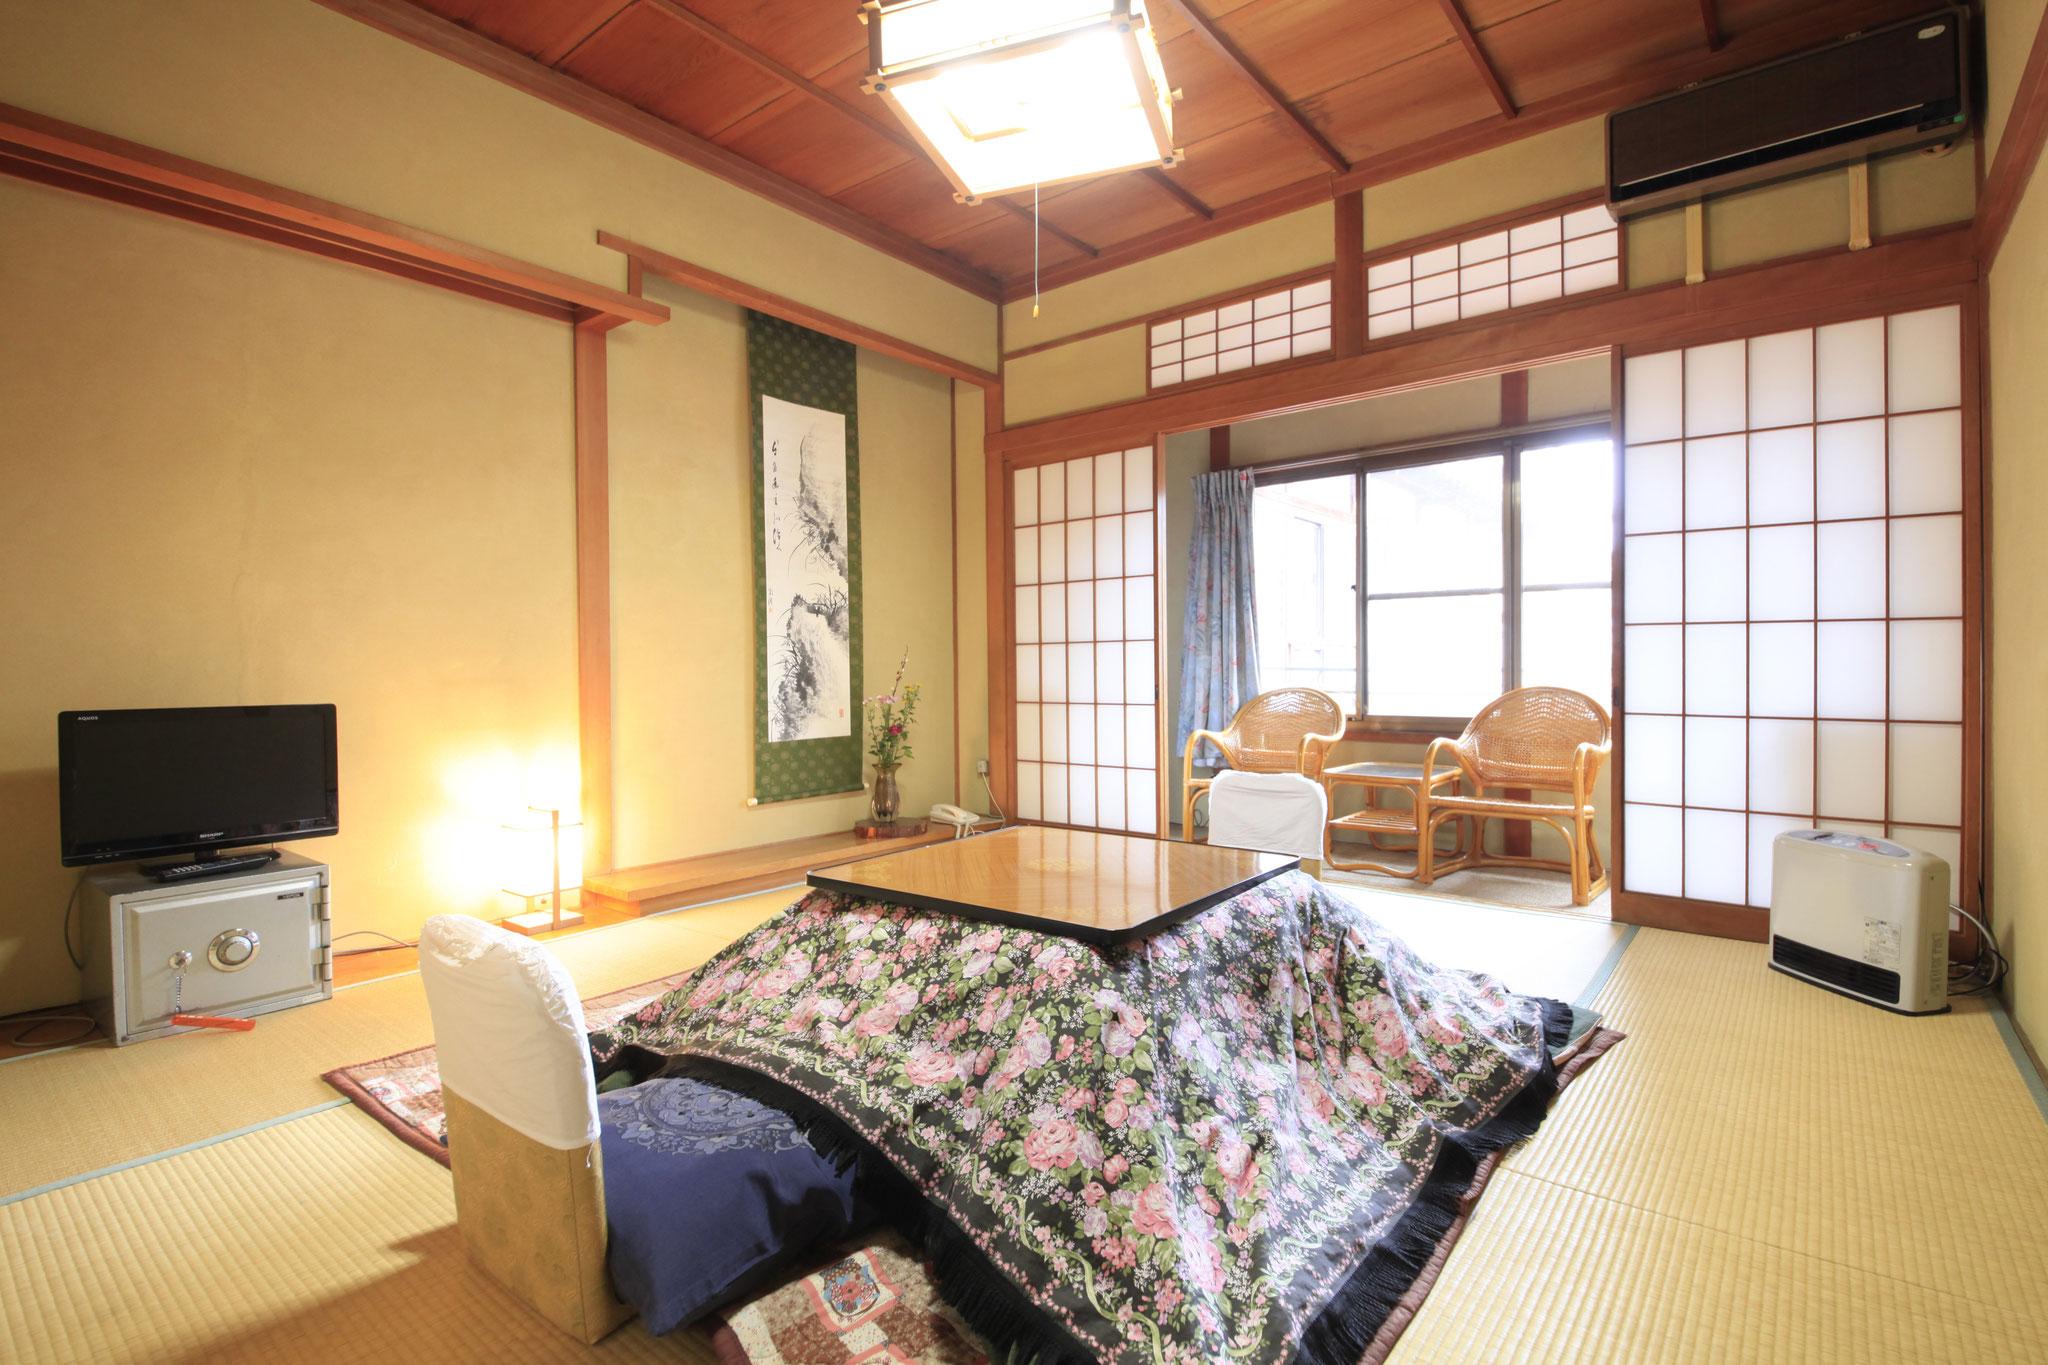 ご案内の部分にも書いてありますが、木造旅館のため、お部屋の大きさはすべて違います。  通常は八畳プラス広縁(2畳分よりやや大きめ)になります。